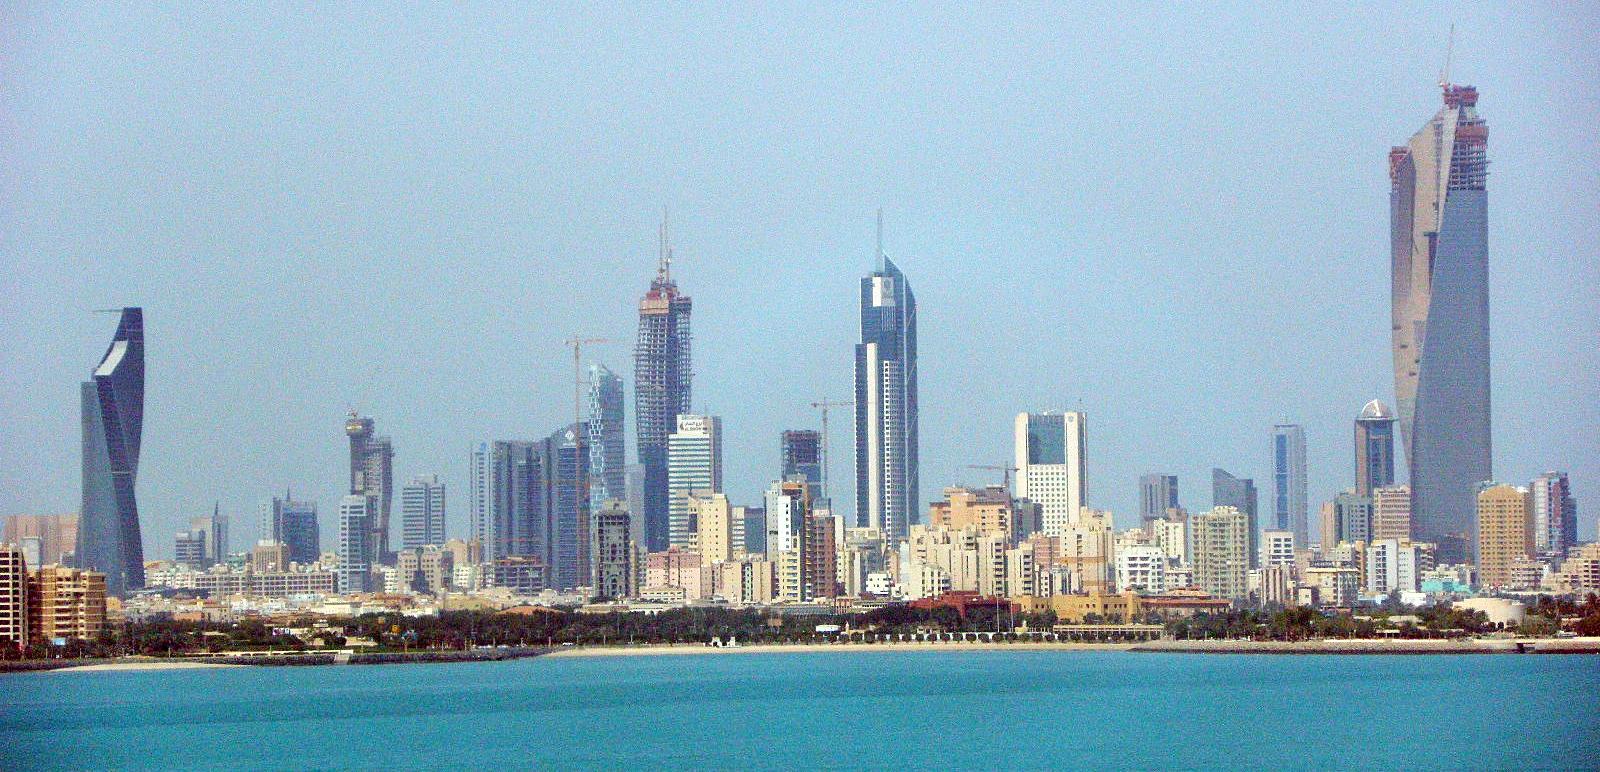 クウェートの治安や旅行情報を調査!首都の安全度や日本との時差などを網羅!